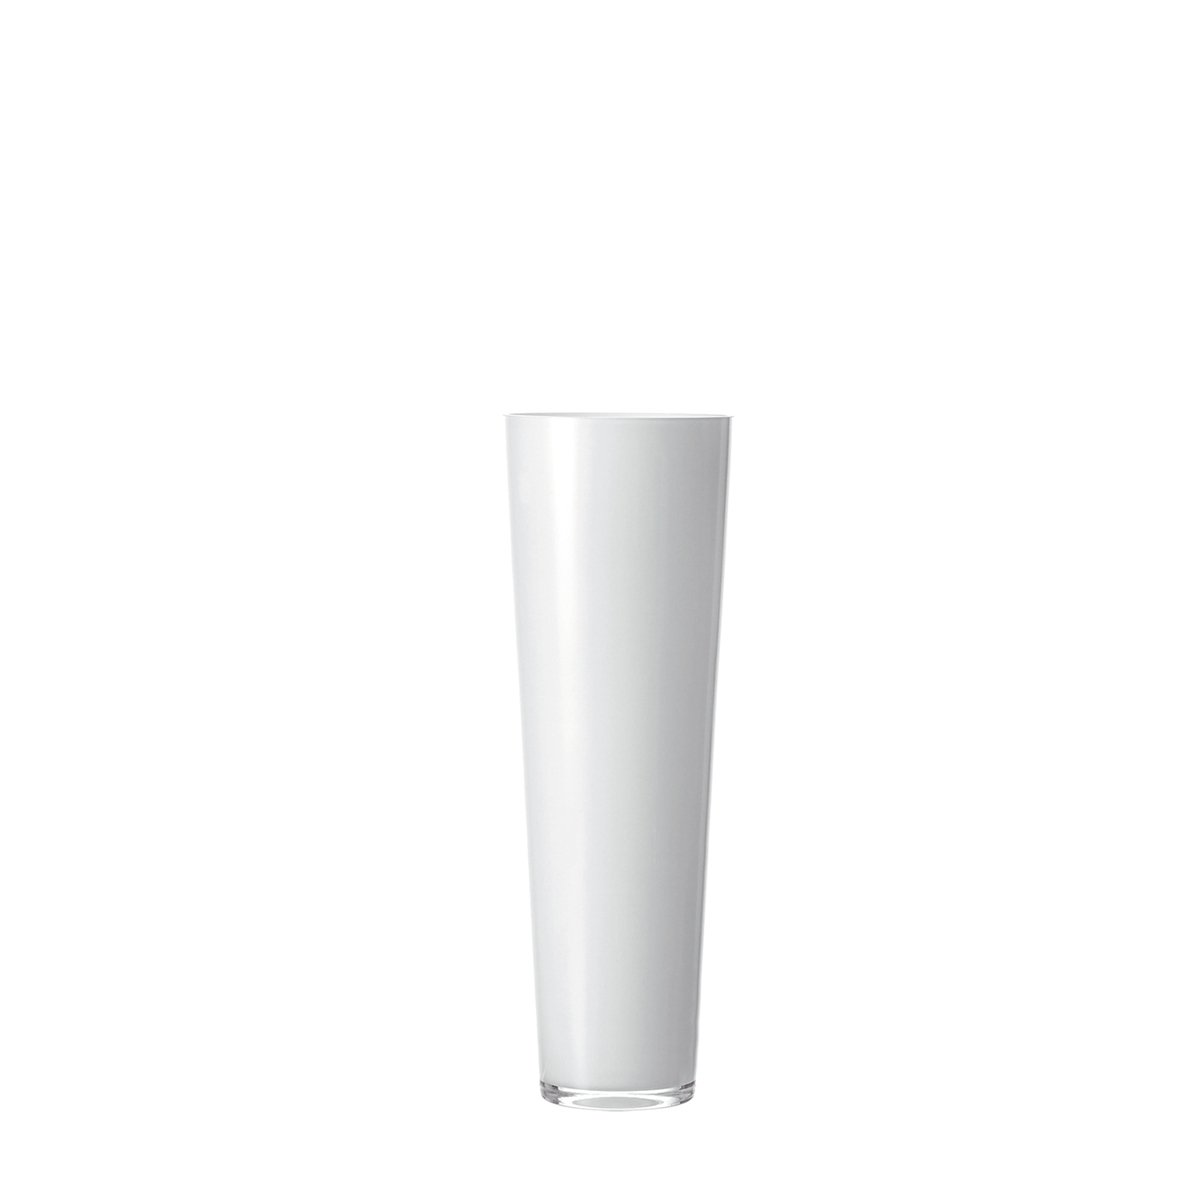 LEONARDO 029563 konische Vase 50 cm weiss